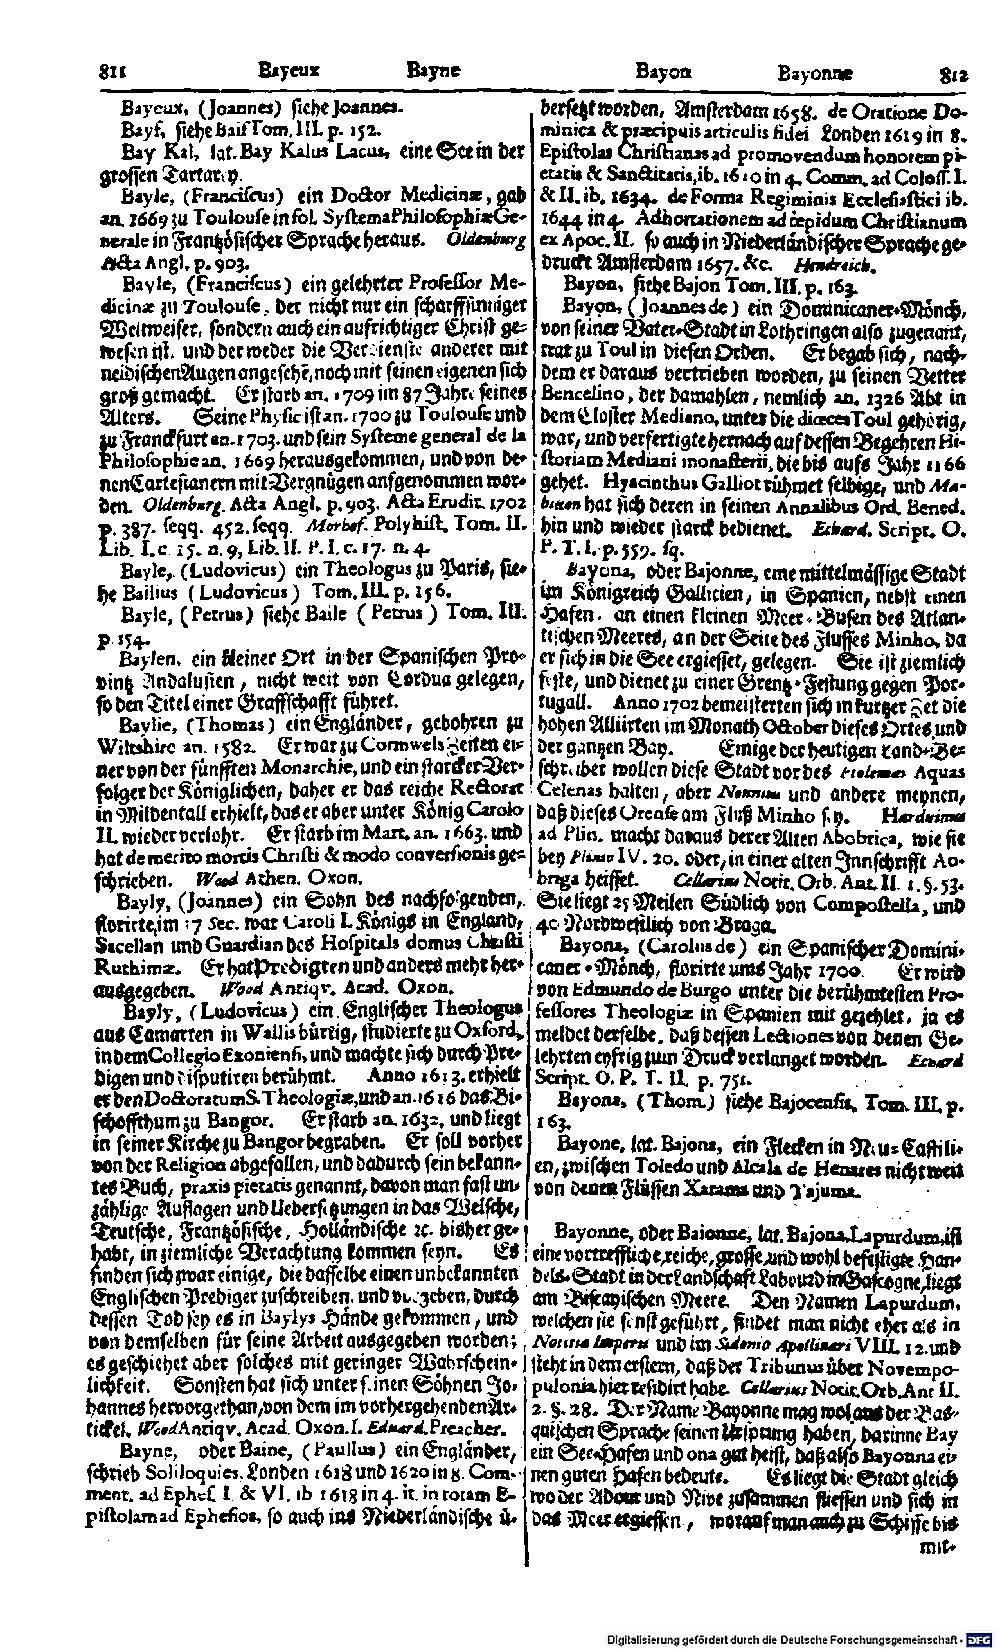 Bd. 3, Seite 0421.